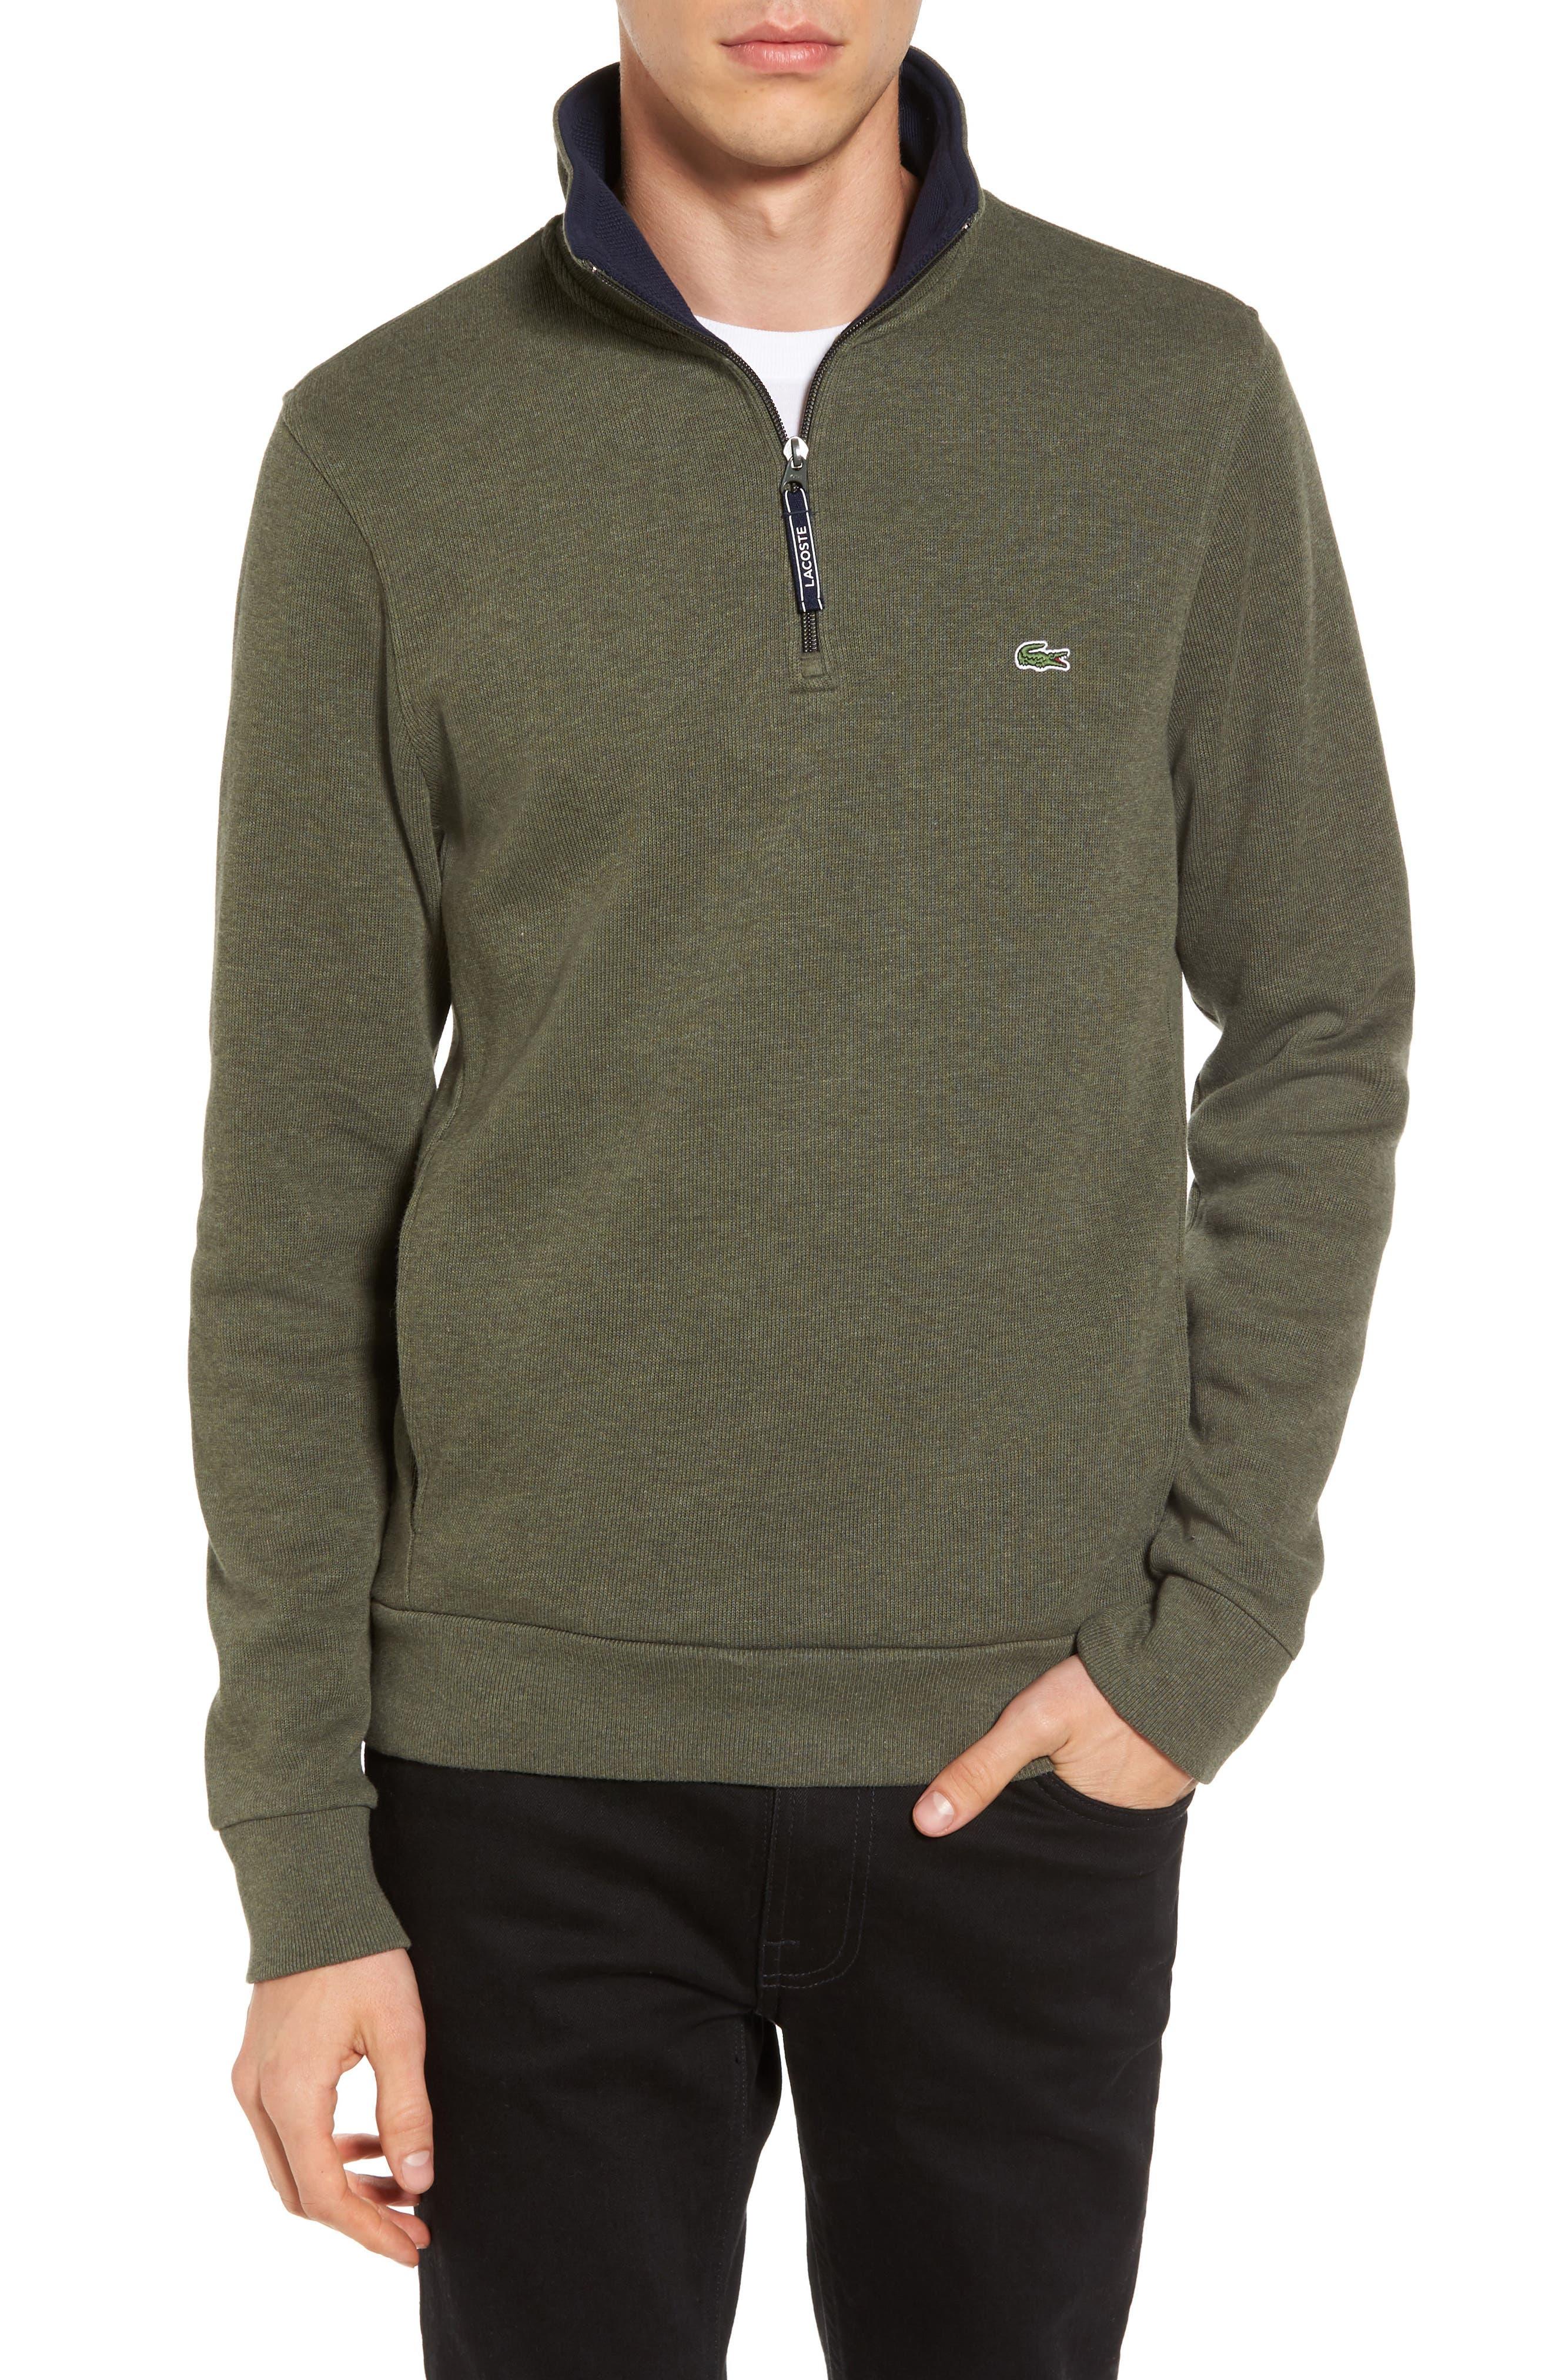 Main Image - Lacoste Quarter Zip Sweatshirt